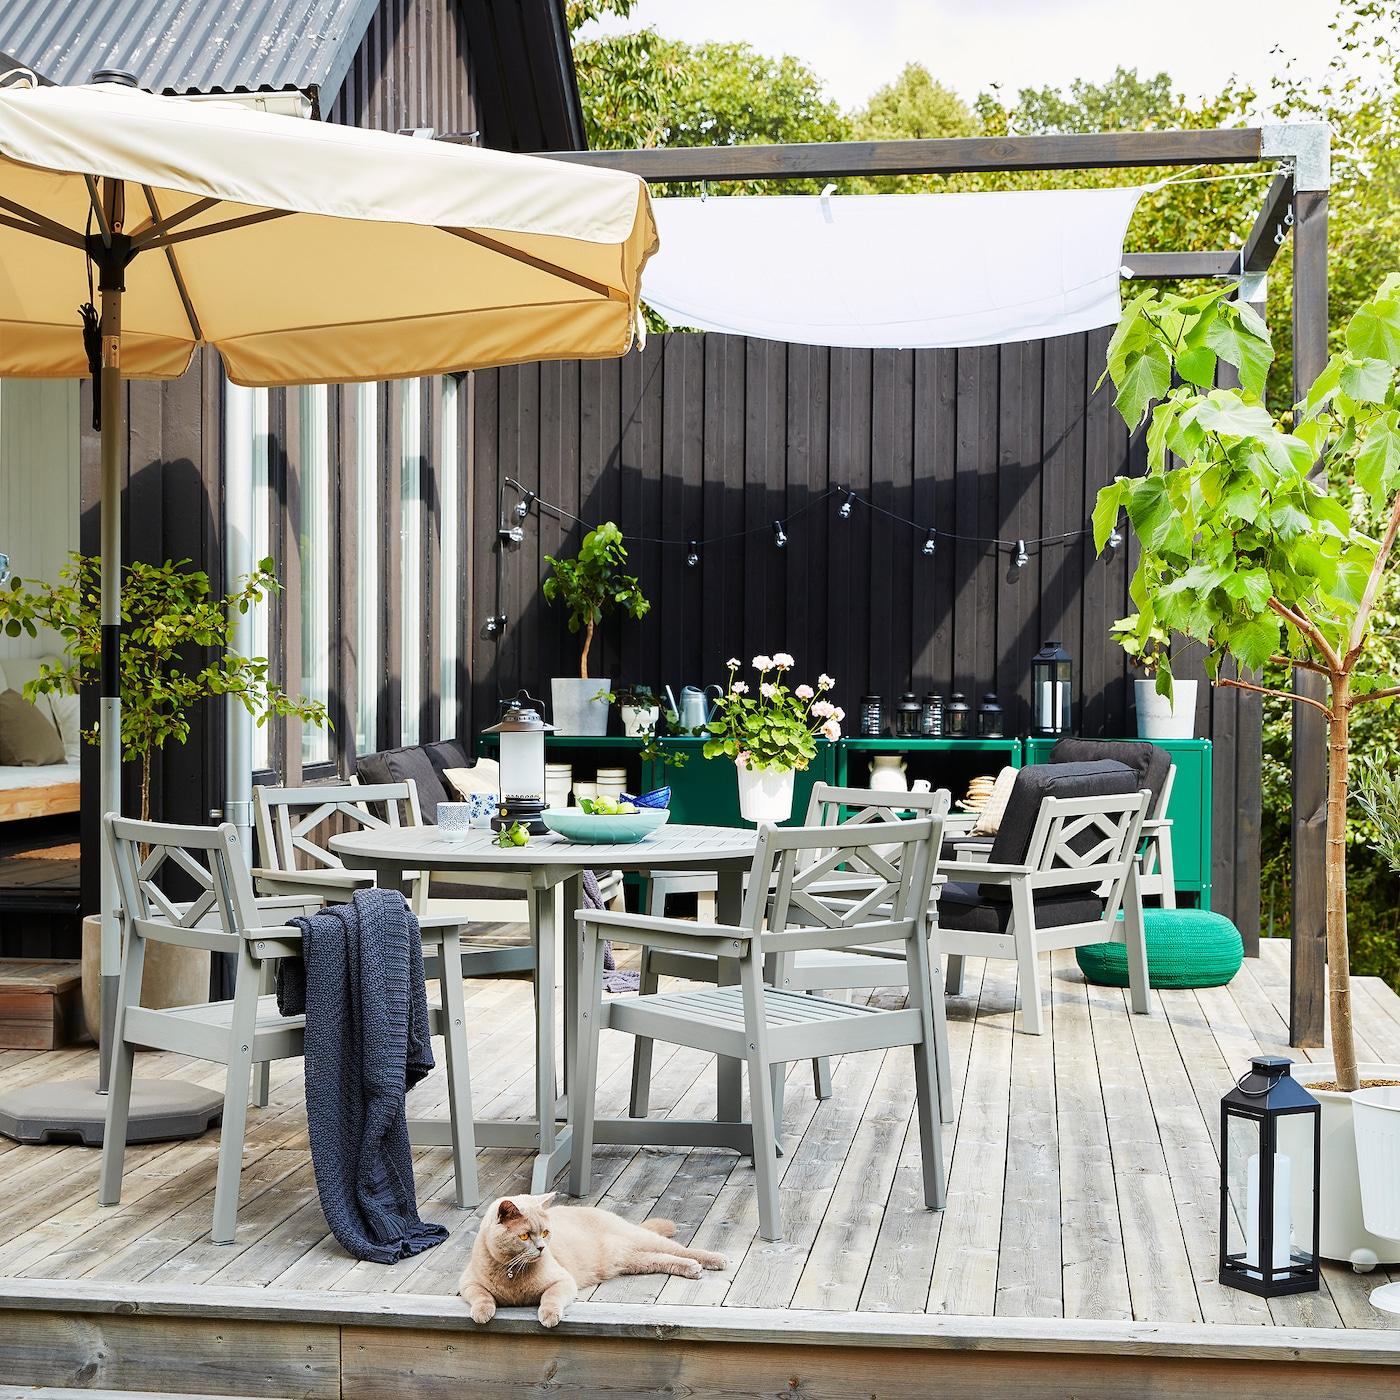 En uteplass på en treplatting med en beige parasoll, grå hagemøbler, grønne plantede trær og en grå og oransje katt.